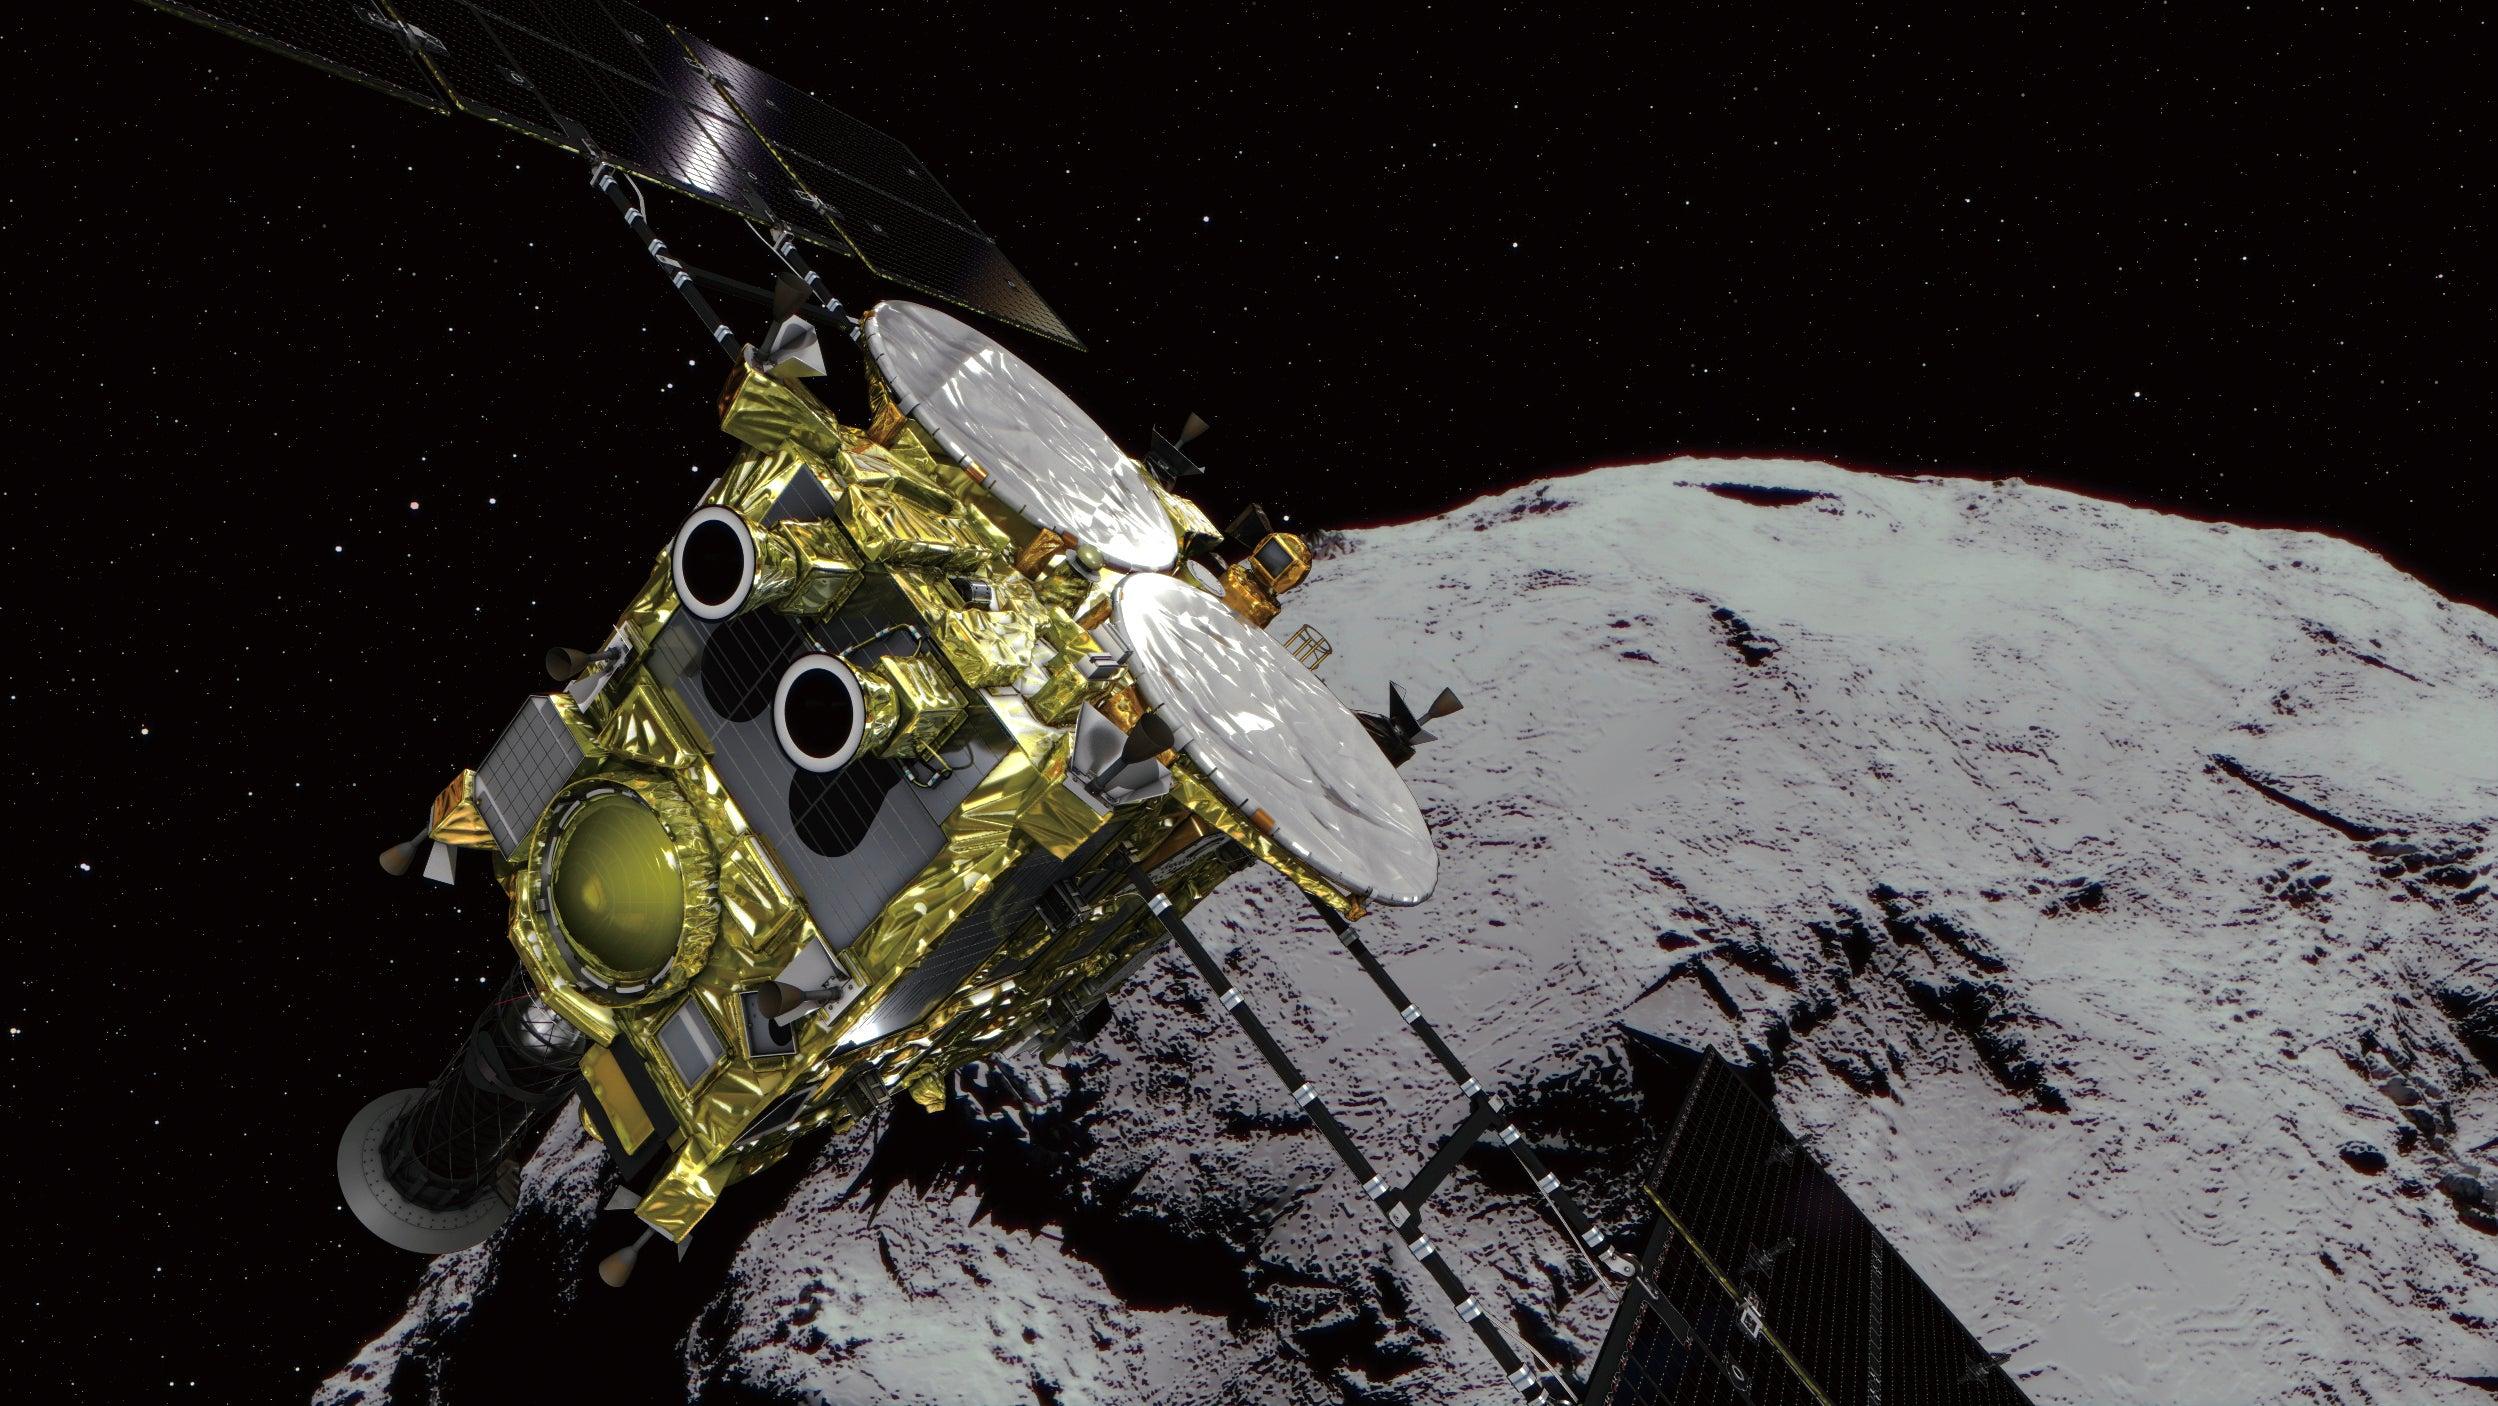 Japanese SpacecraftHayabusa2 Touches Down On AsteroidRyugu